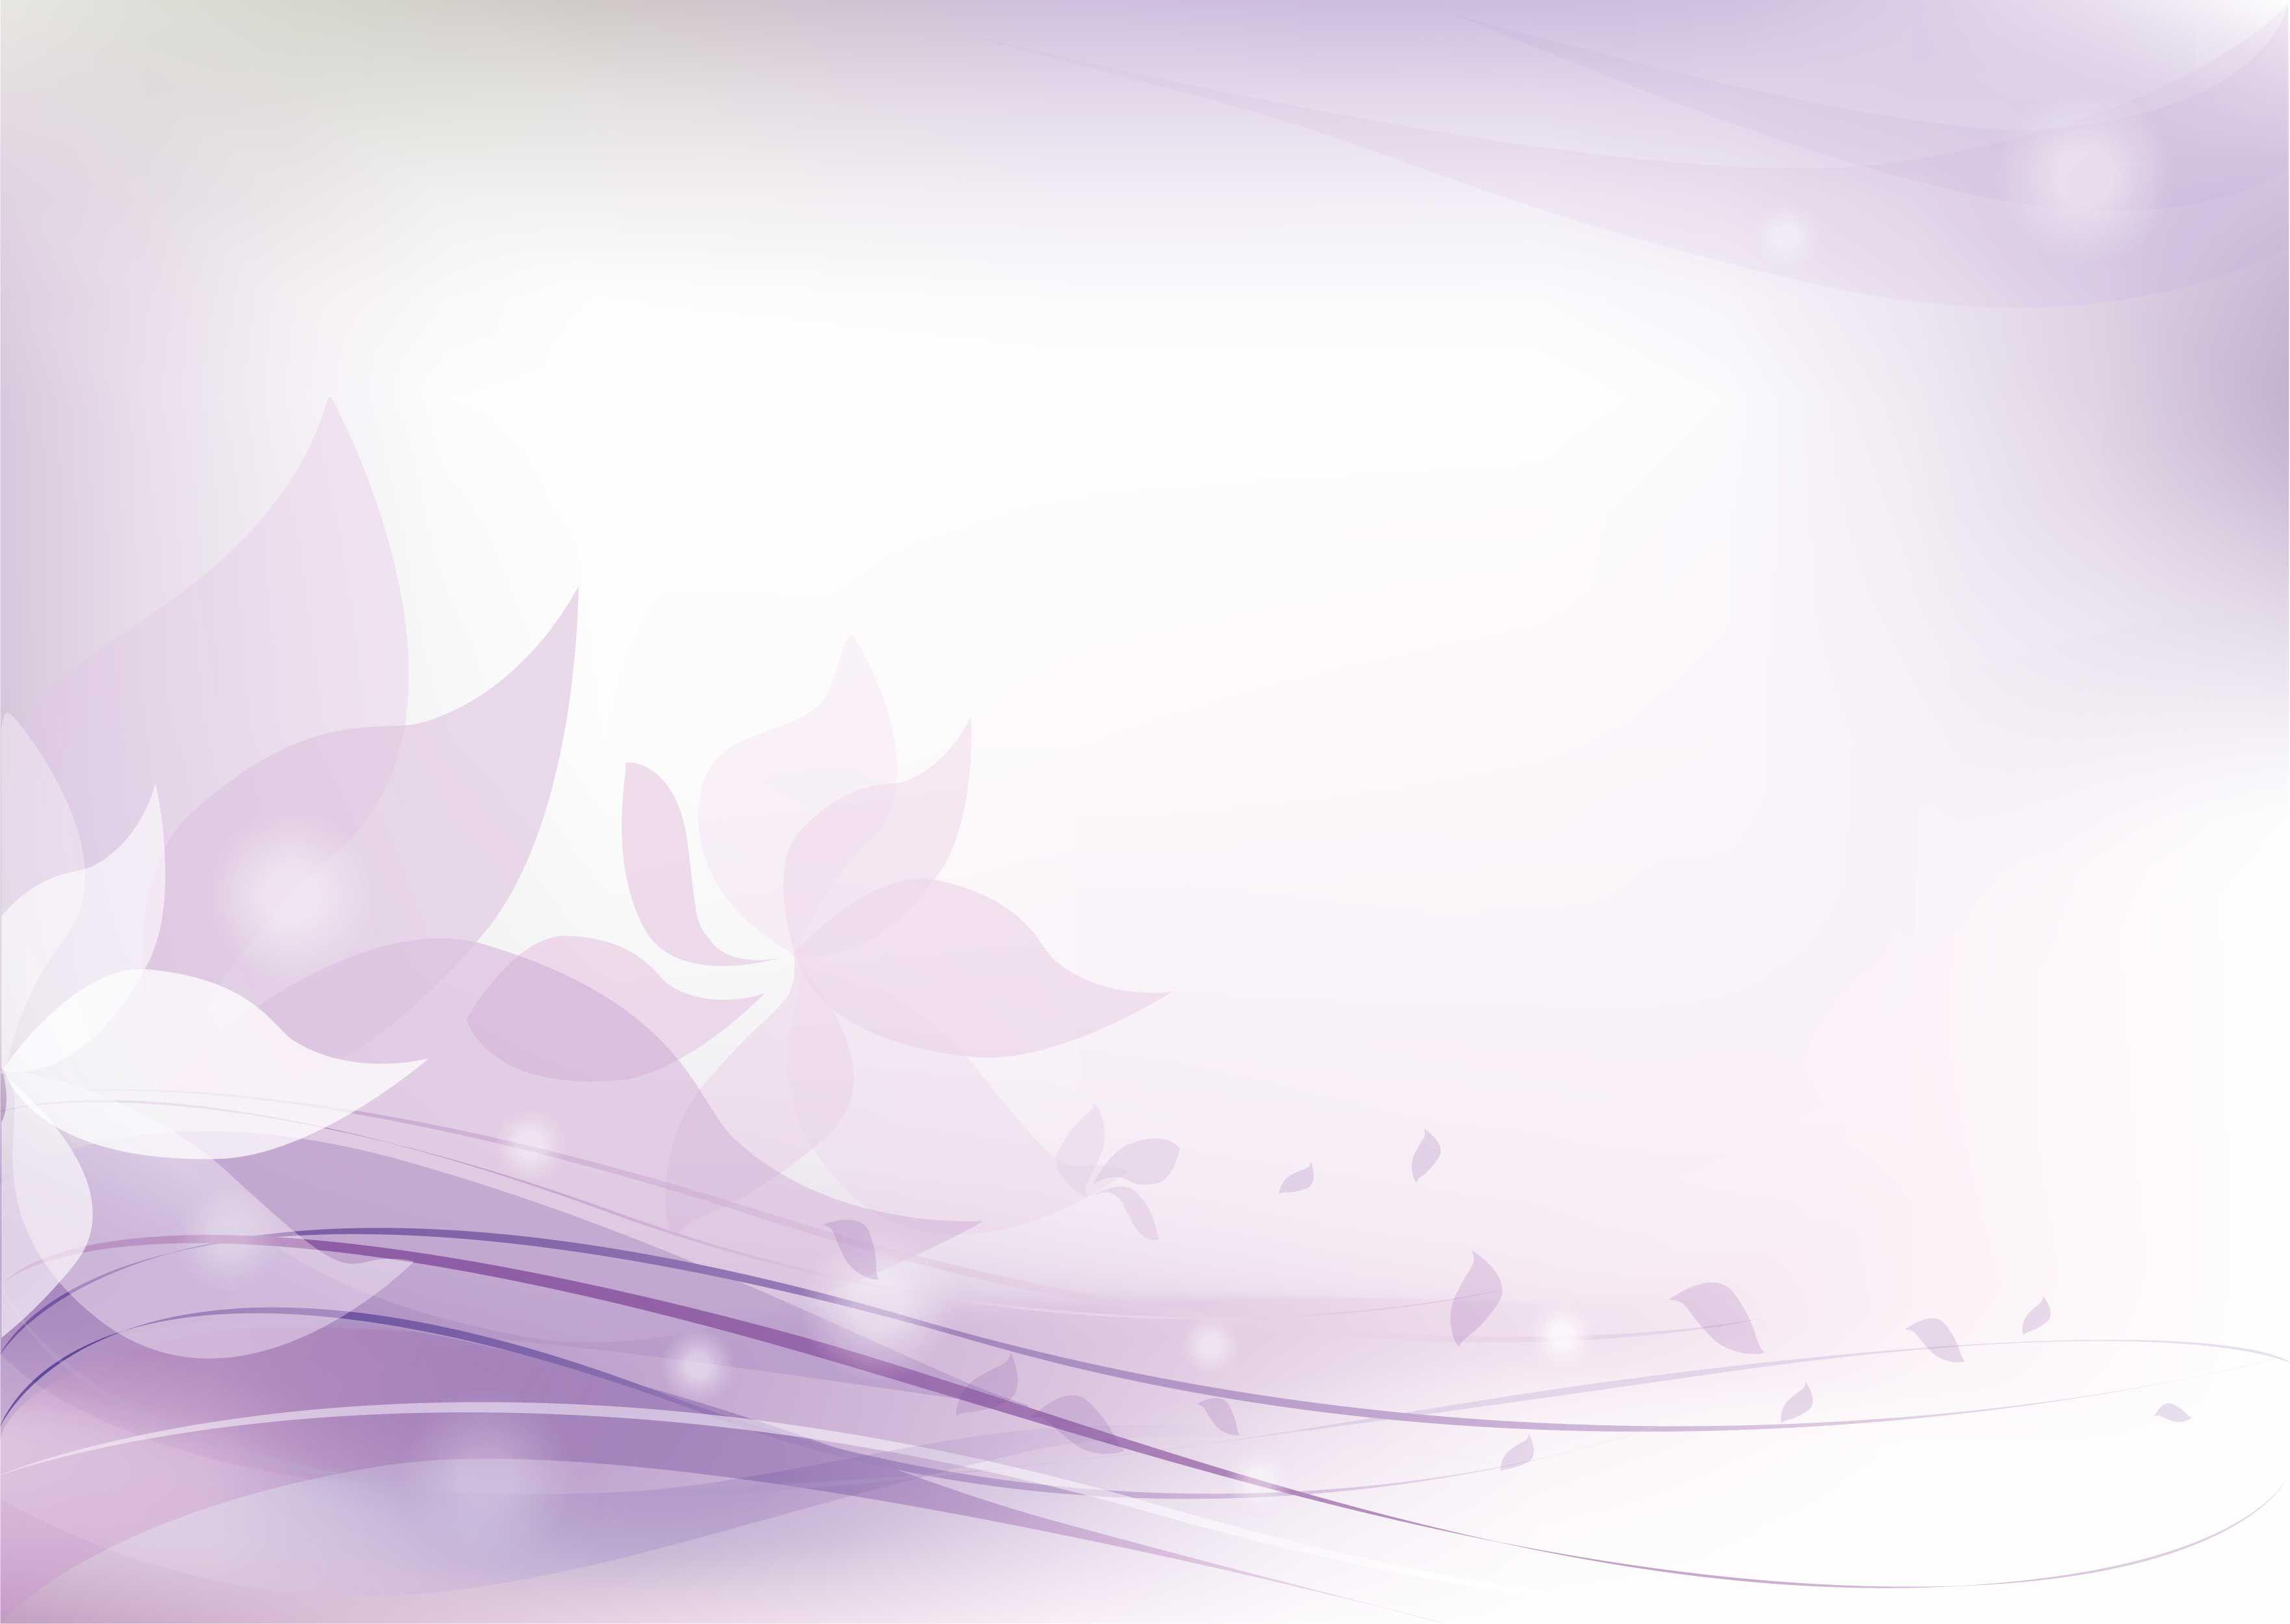 花の背景・壁紙イラスト紫・花びら・淡い光彩 綺麗なイラスト壁紙背景, 壁紙 イラスト, 壁紙